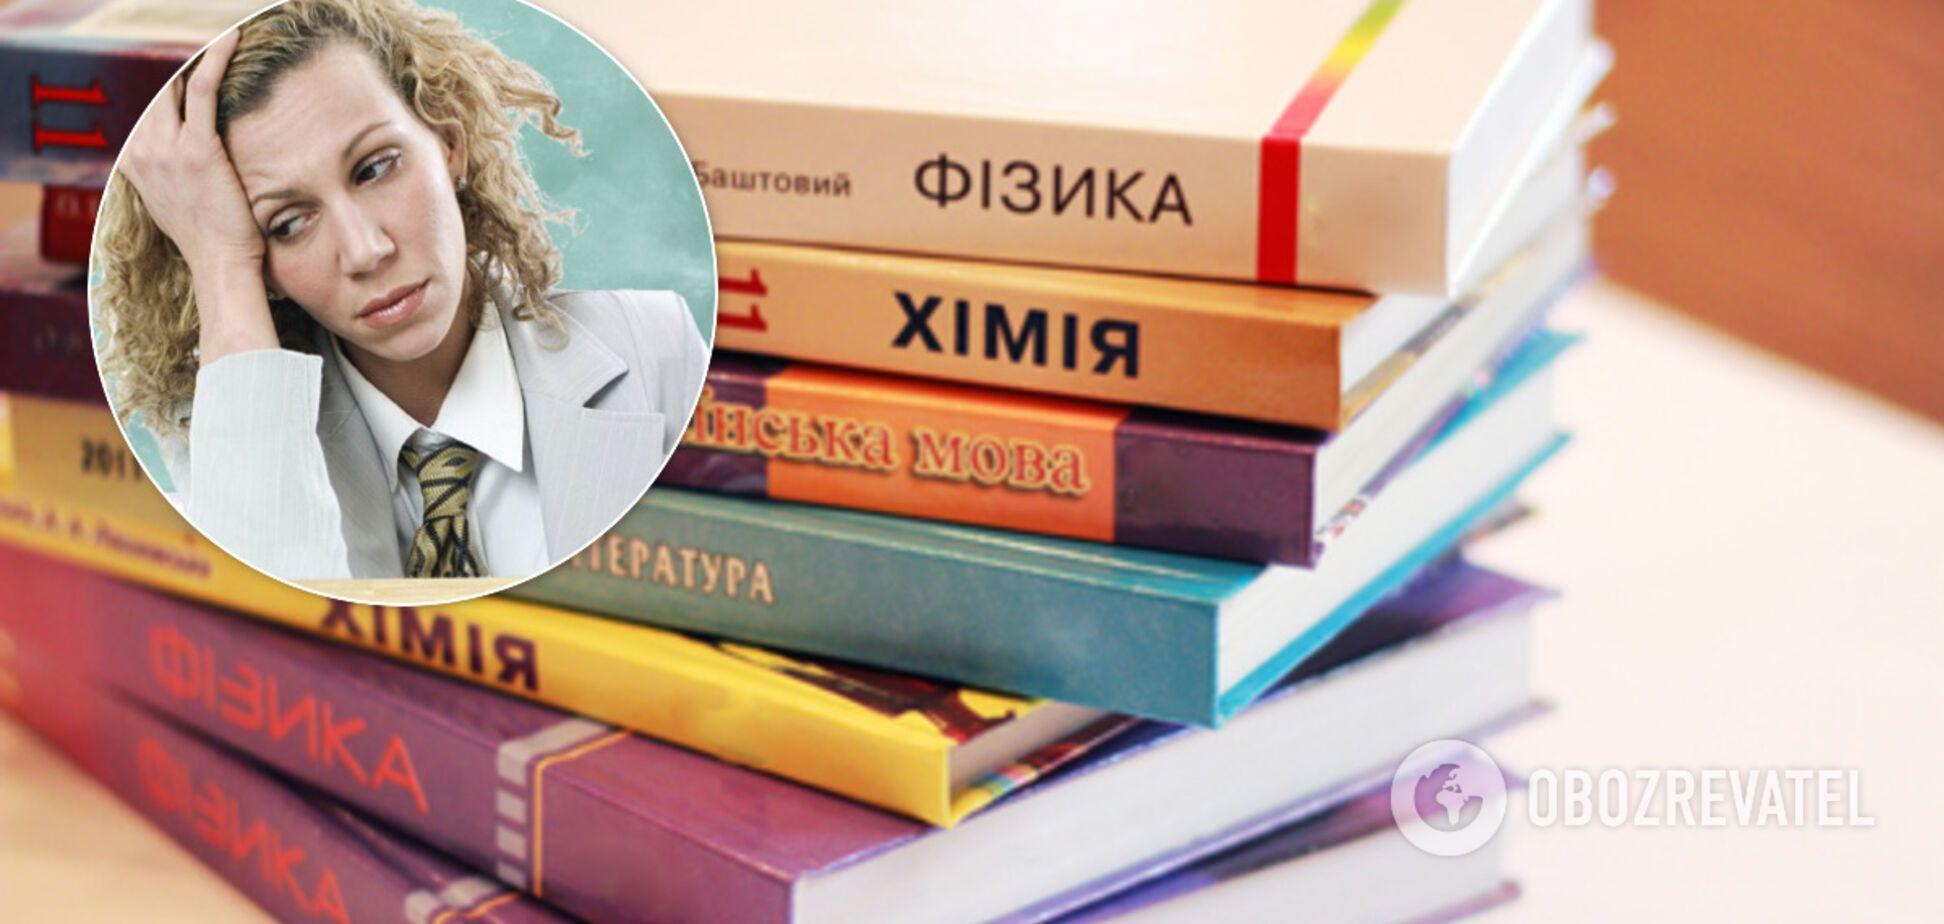 В Україні вчителі обиратимуть підручники для третьокласників: Новосад заявила про тиск